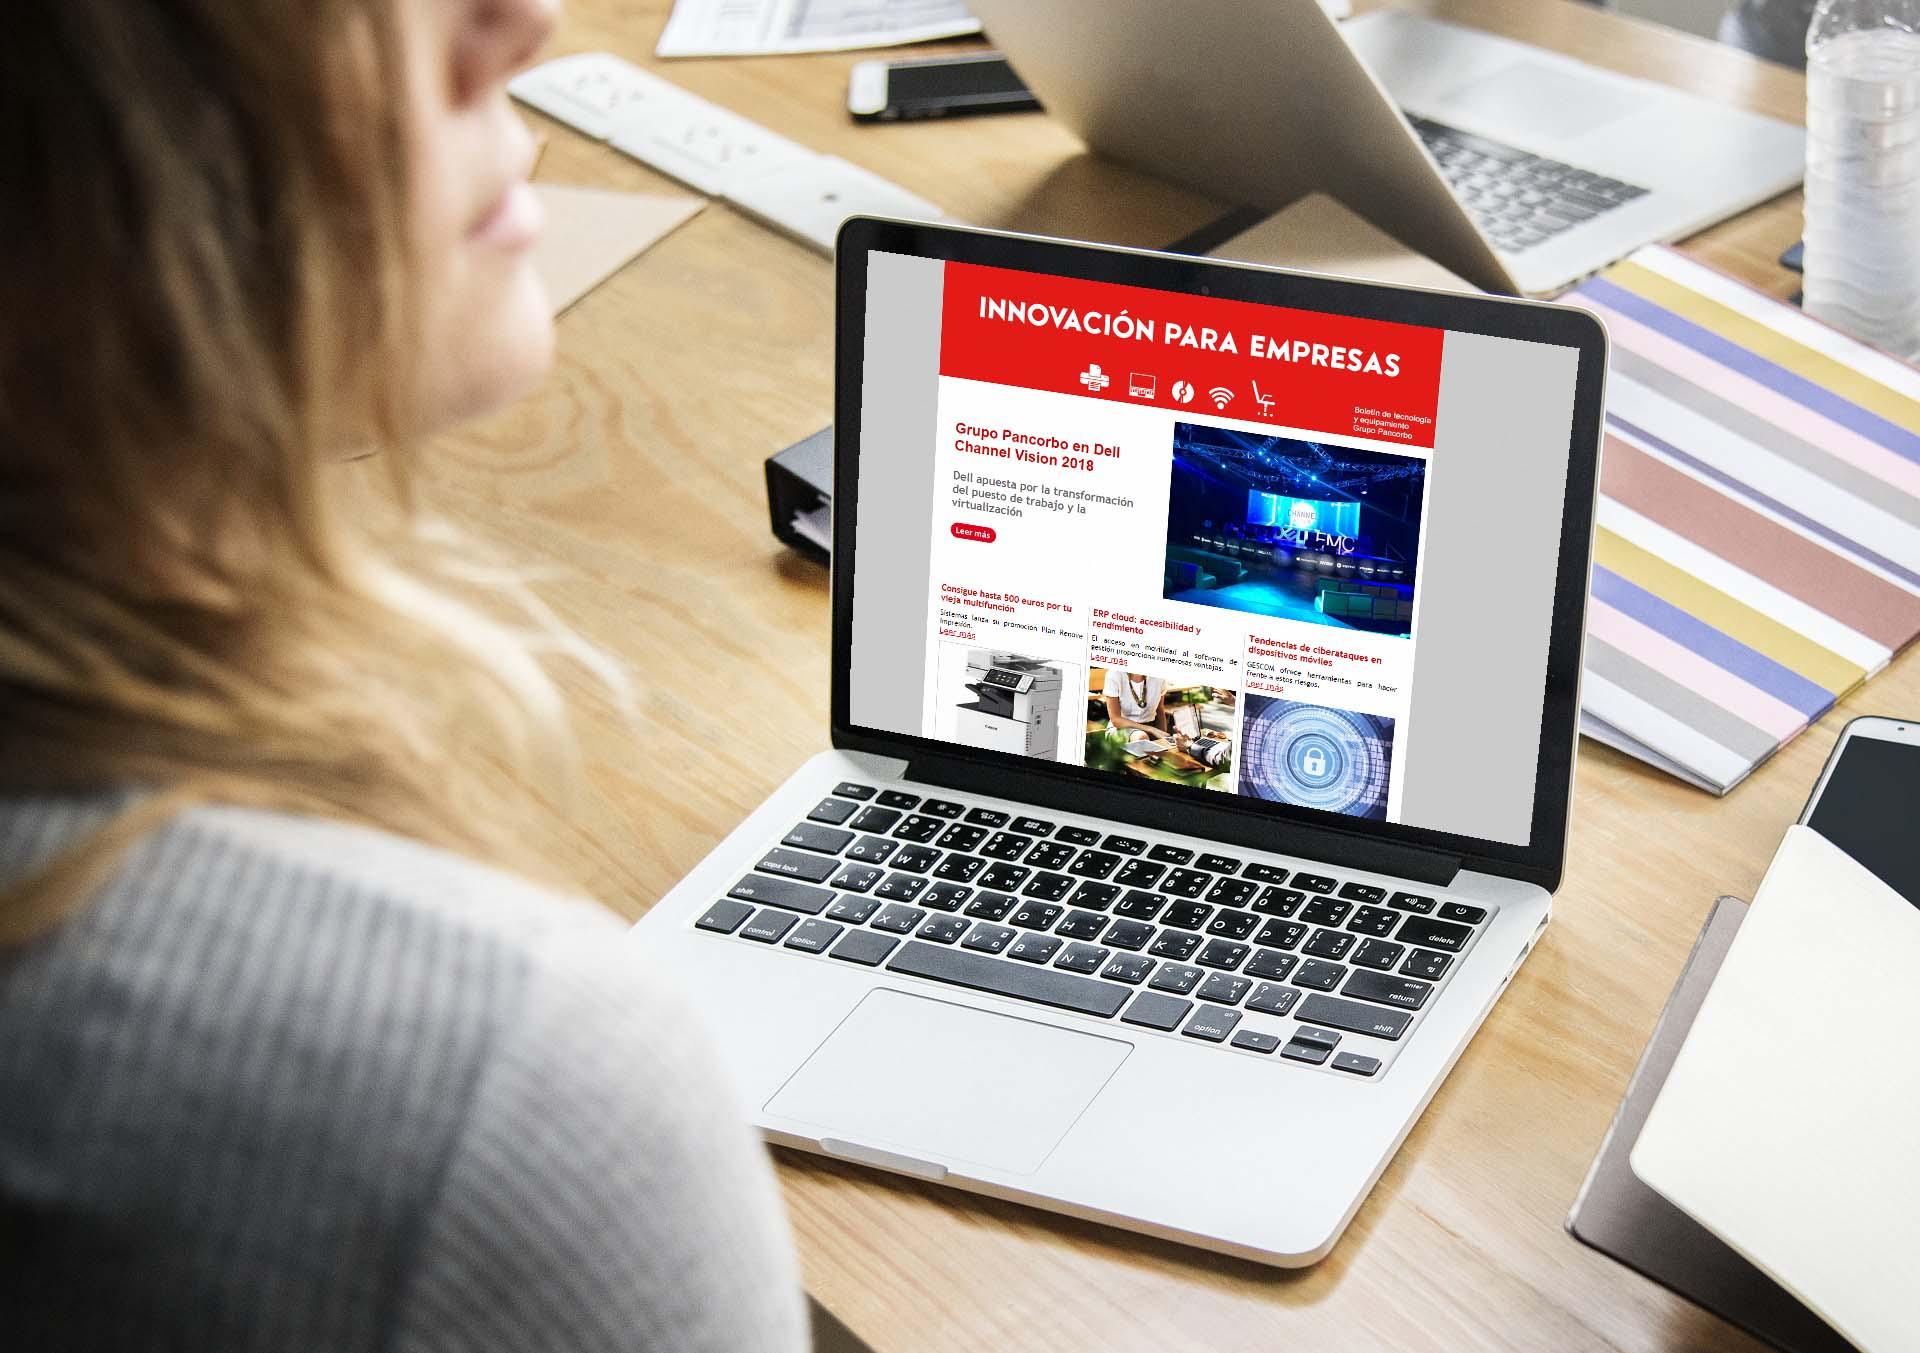 newsletter innovación para empresas